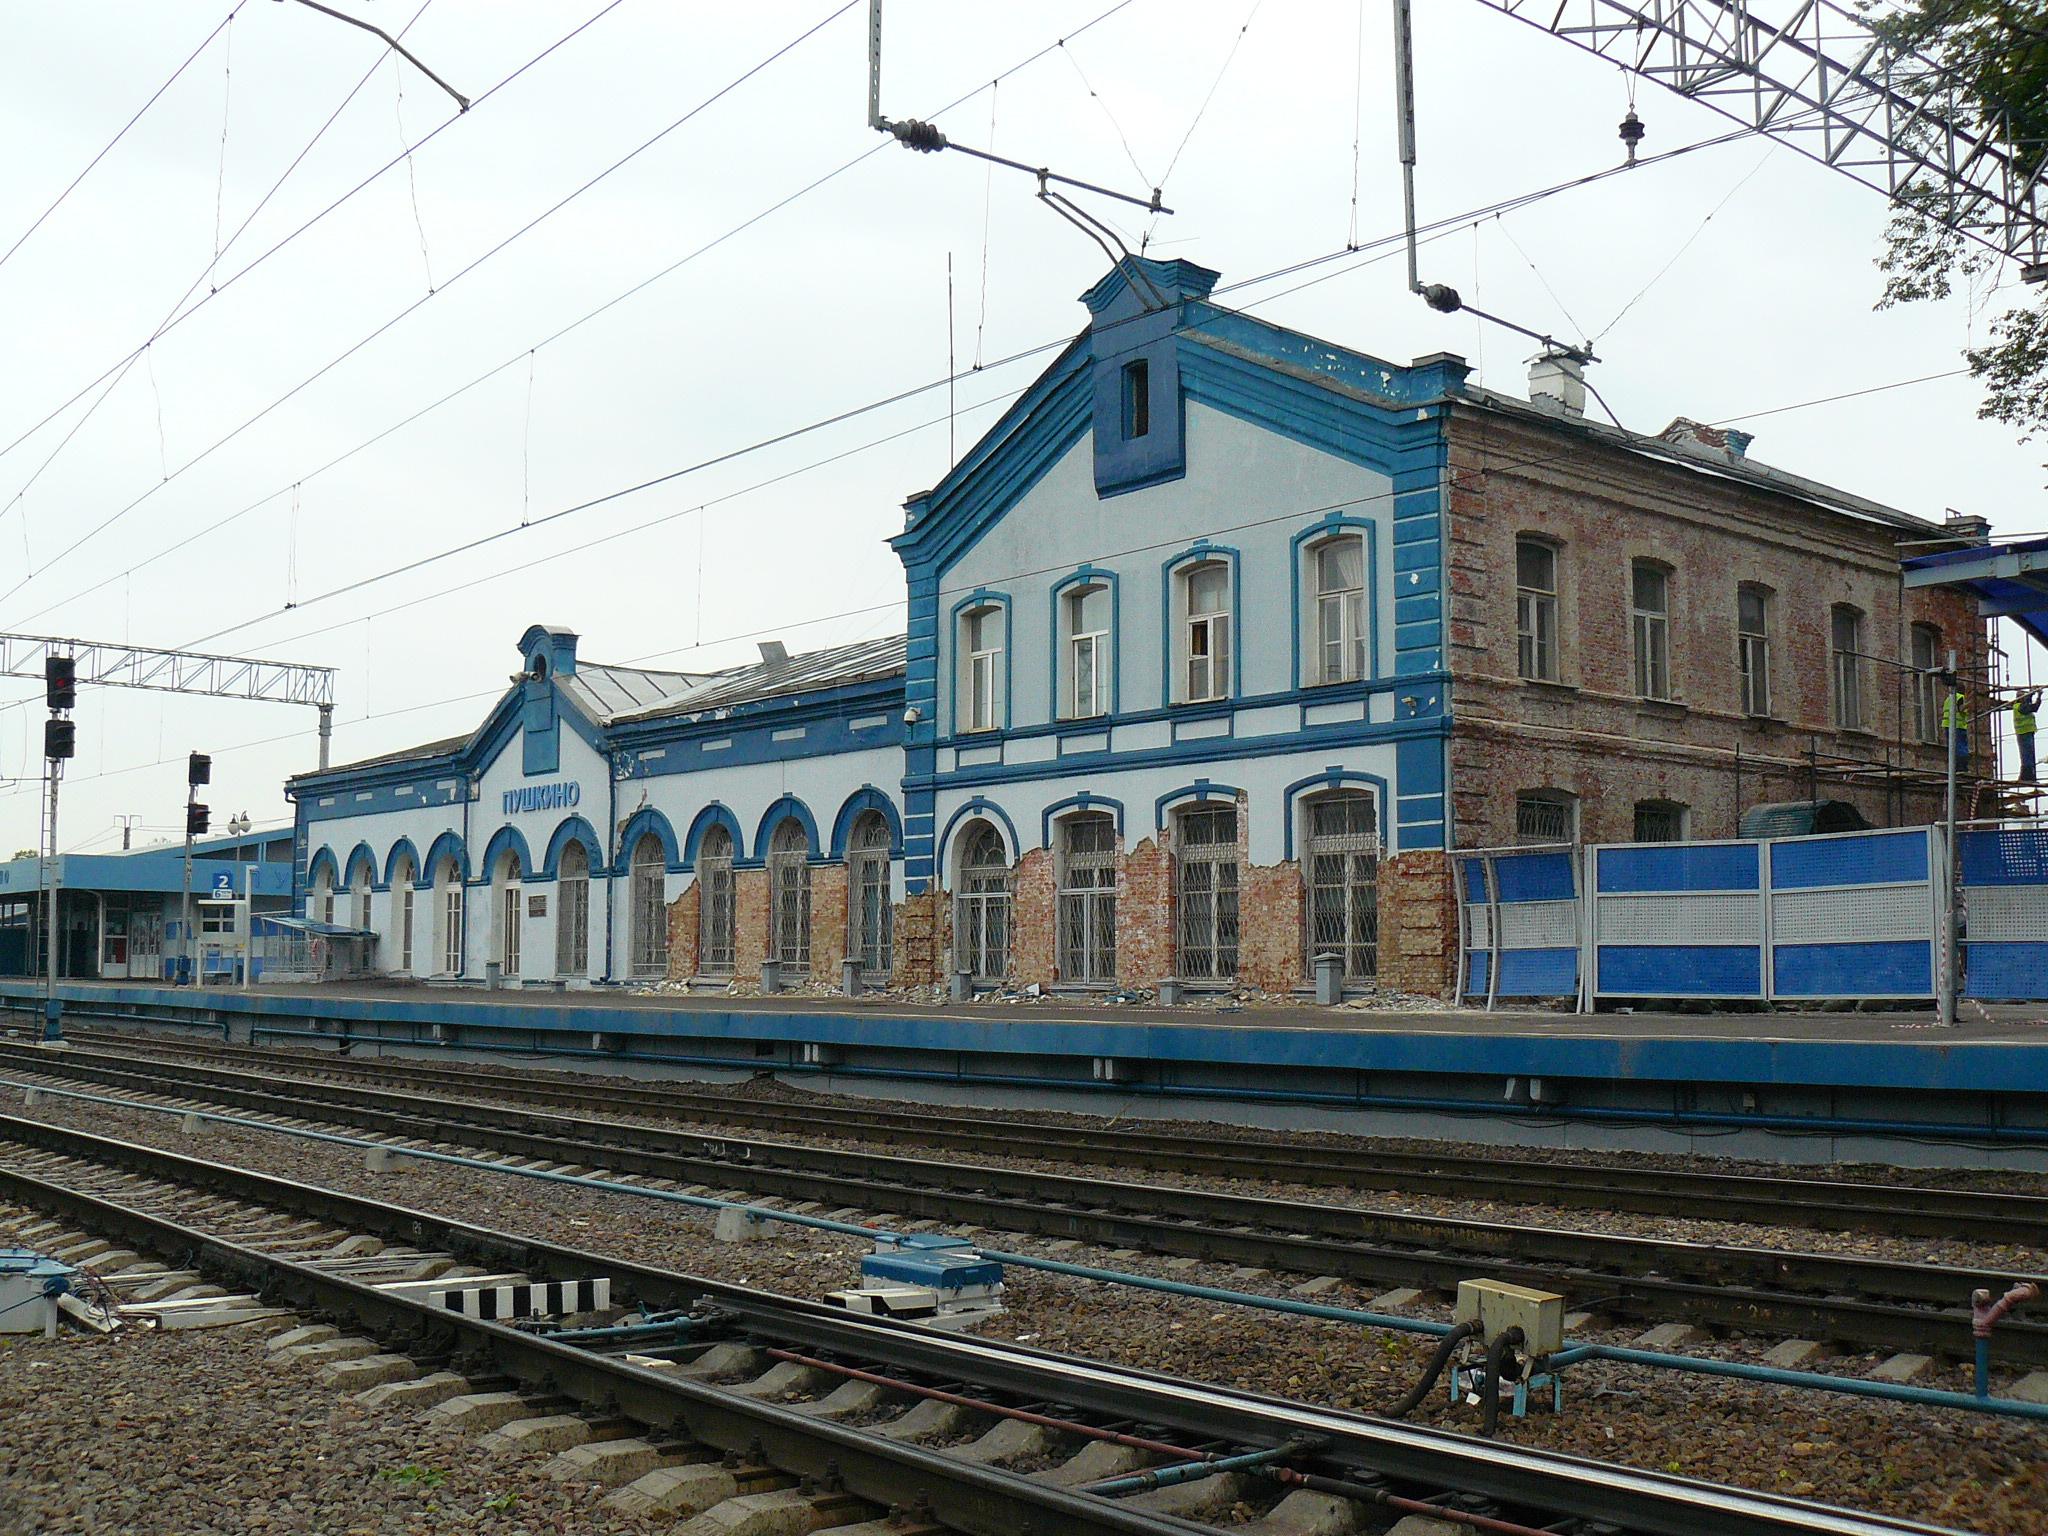 http://pics.livejournal.com/pushkino_2009/pic/000ys89s